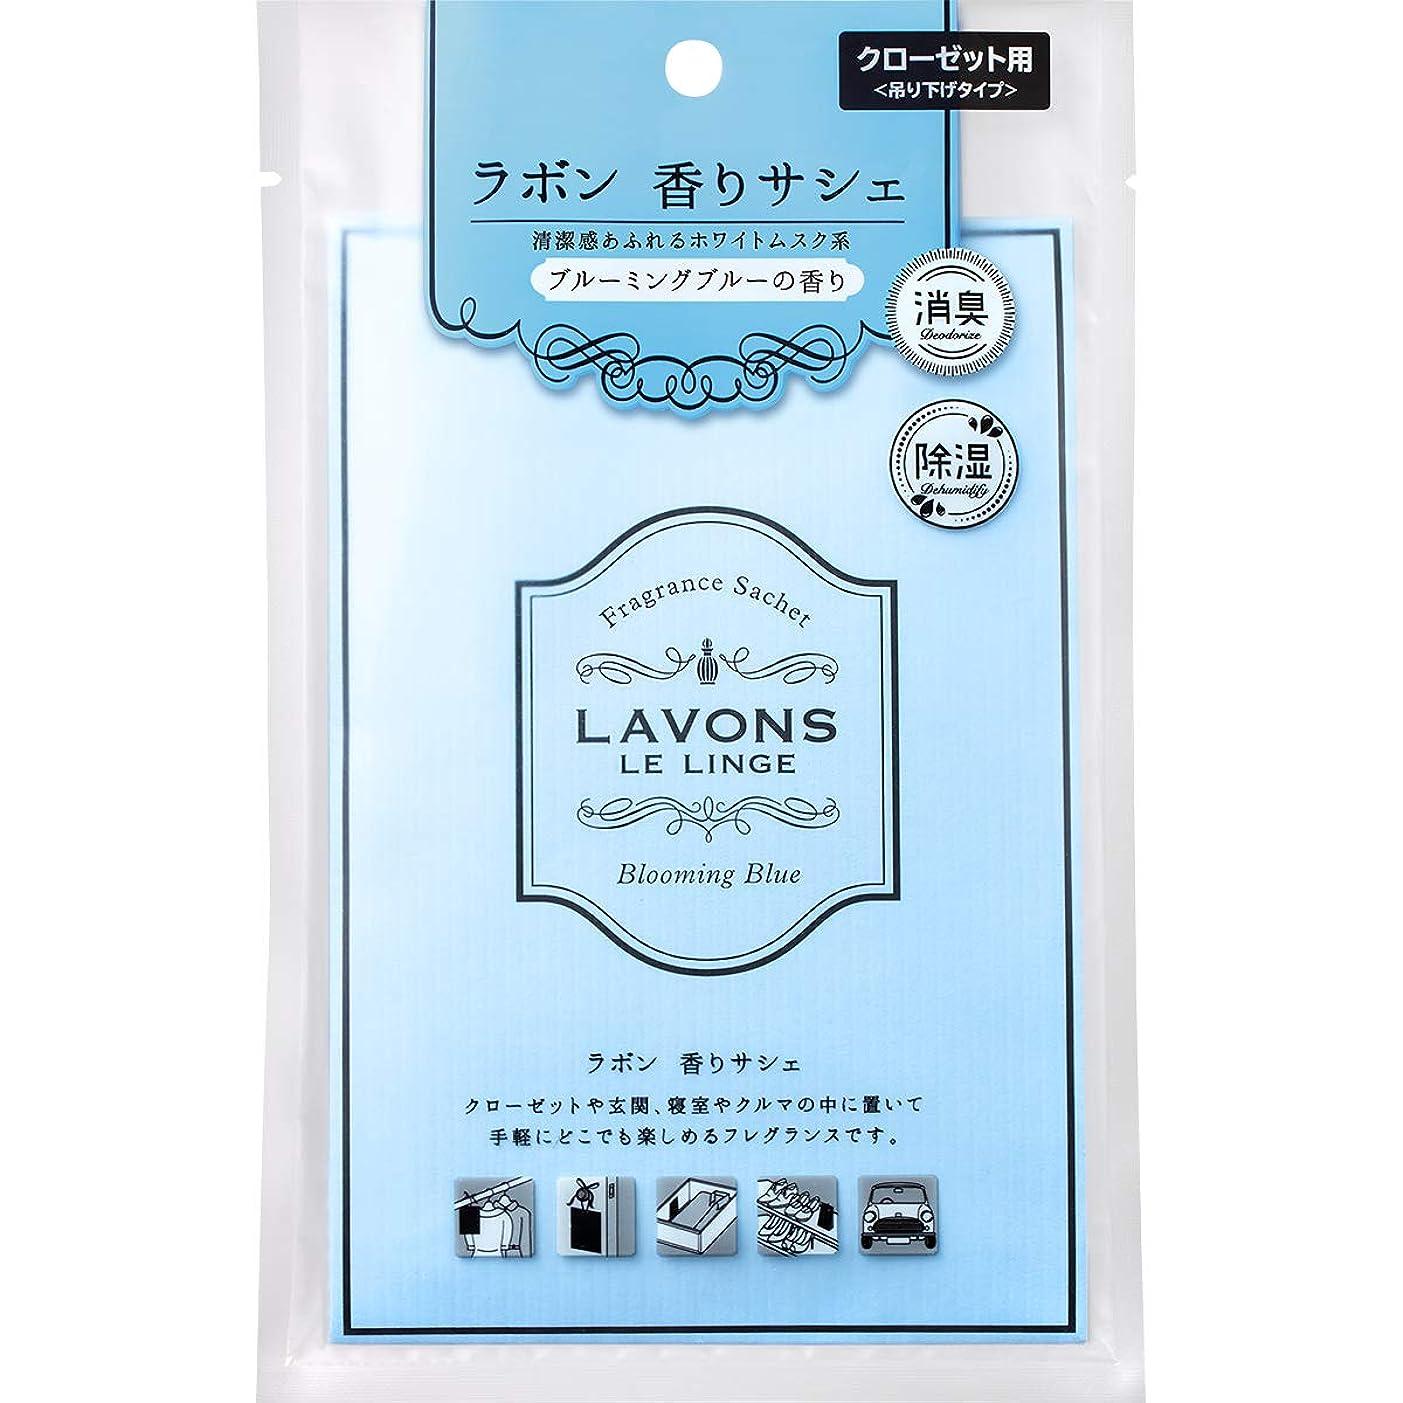 レッドデート始める病的ラボン 香りサシェ (香り袋) ブルーミングブルー 20g